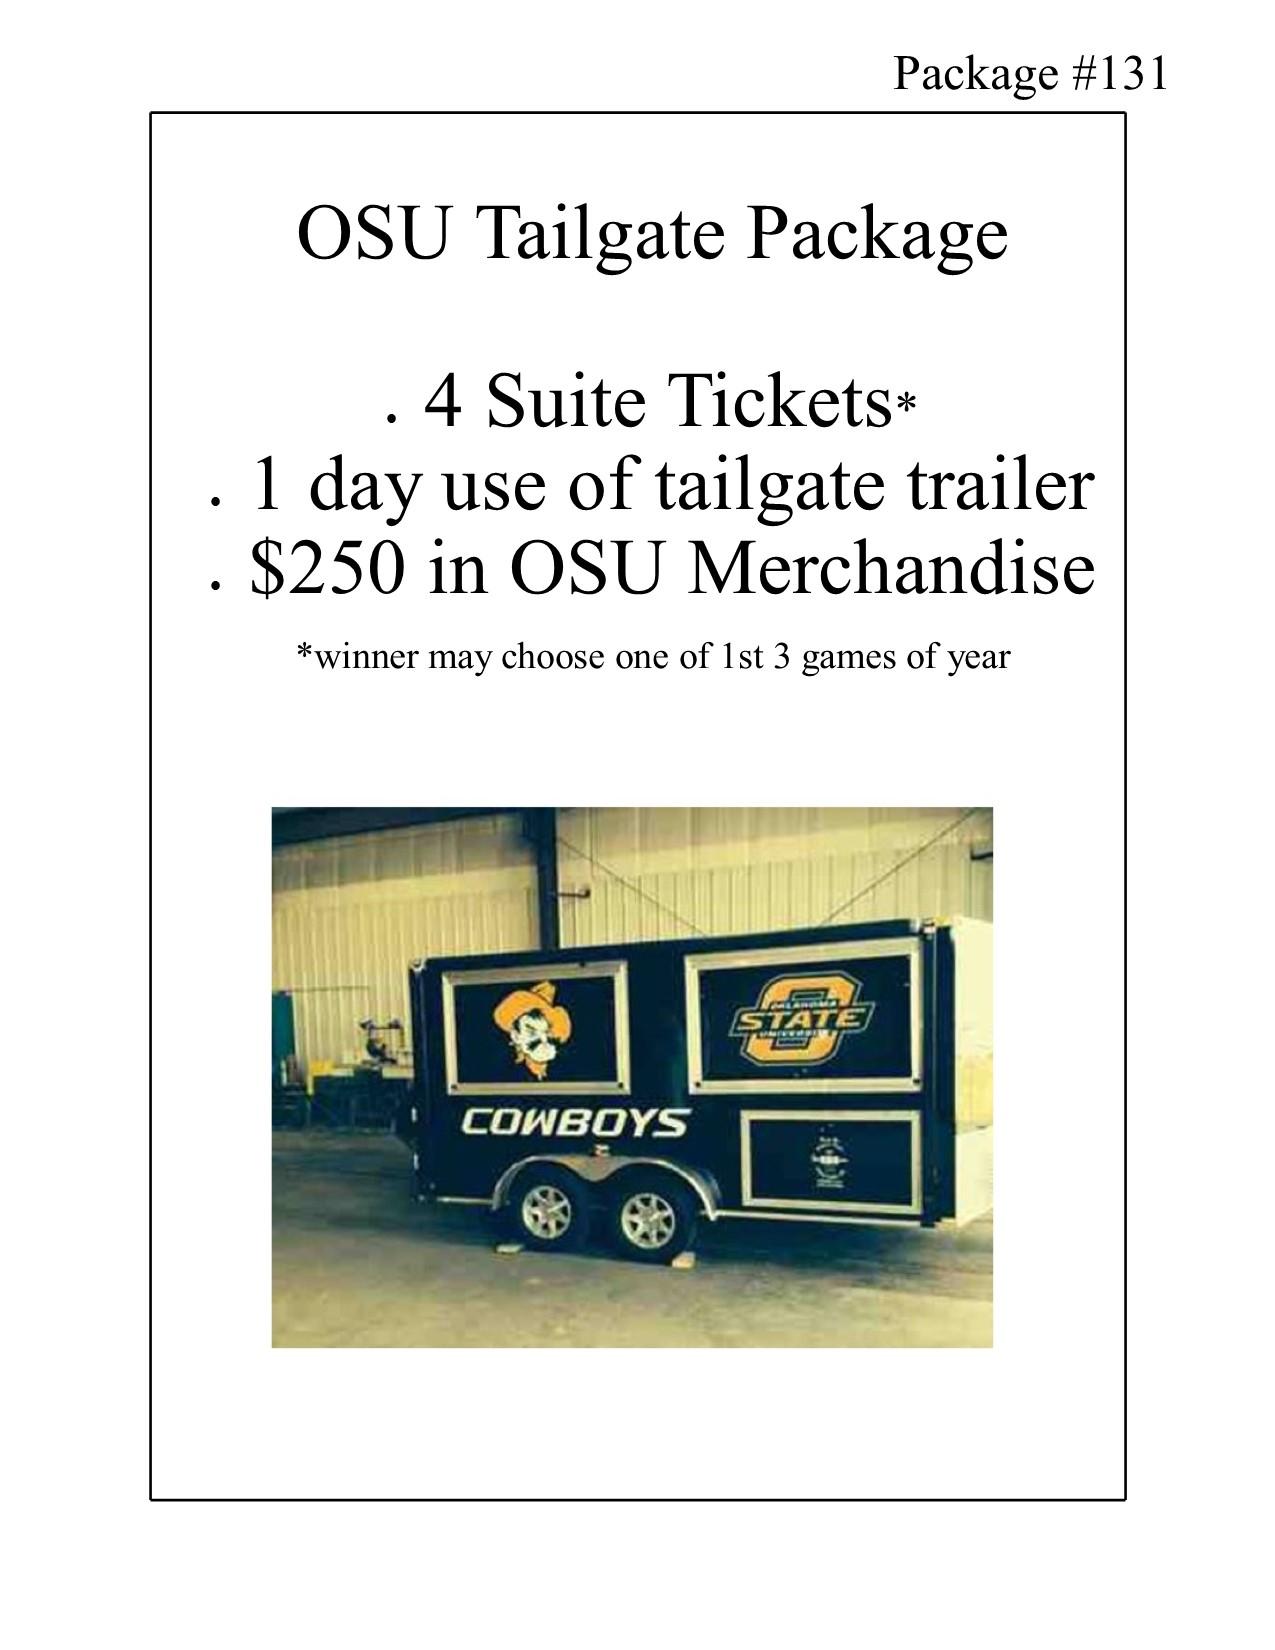 OSU tailgate.jpg